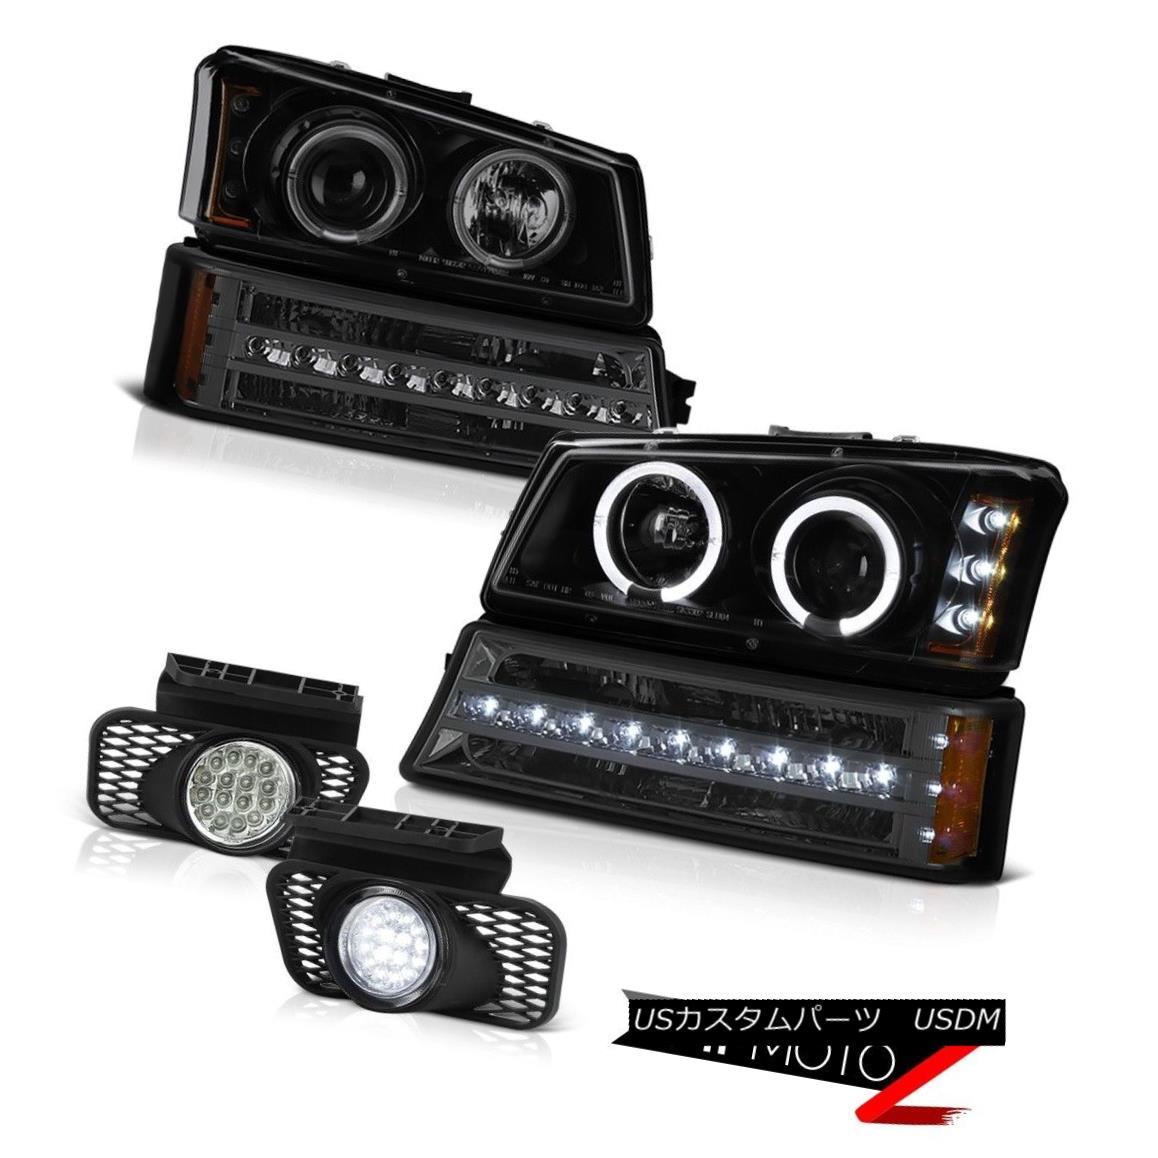 ヘッドライト 03-06 Chevy Silverado Clear chrome foglights phantom smoke bumper lamp headlamps 03-06 Chevy Silveradoクリアクロムフォグライトファントムスモークバンパーランプヘッドランプ